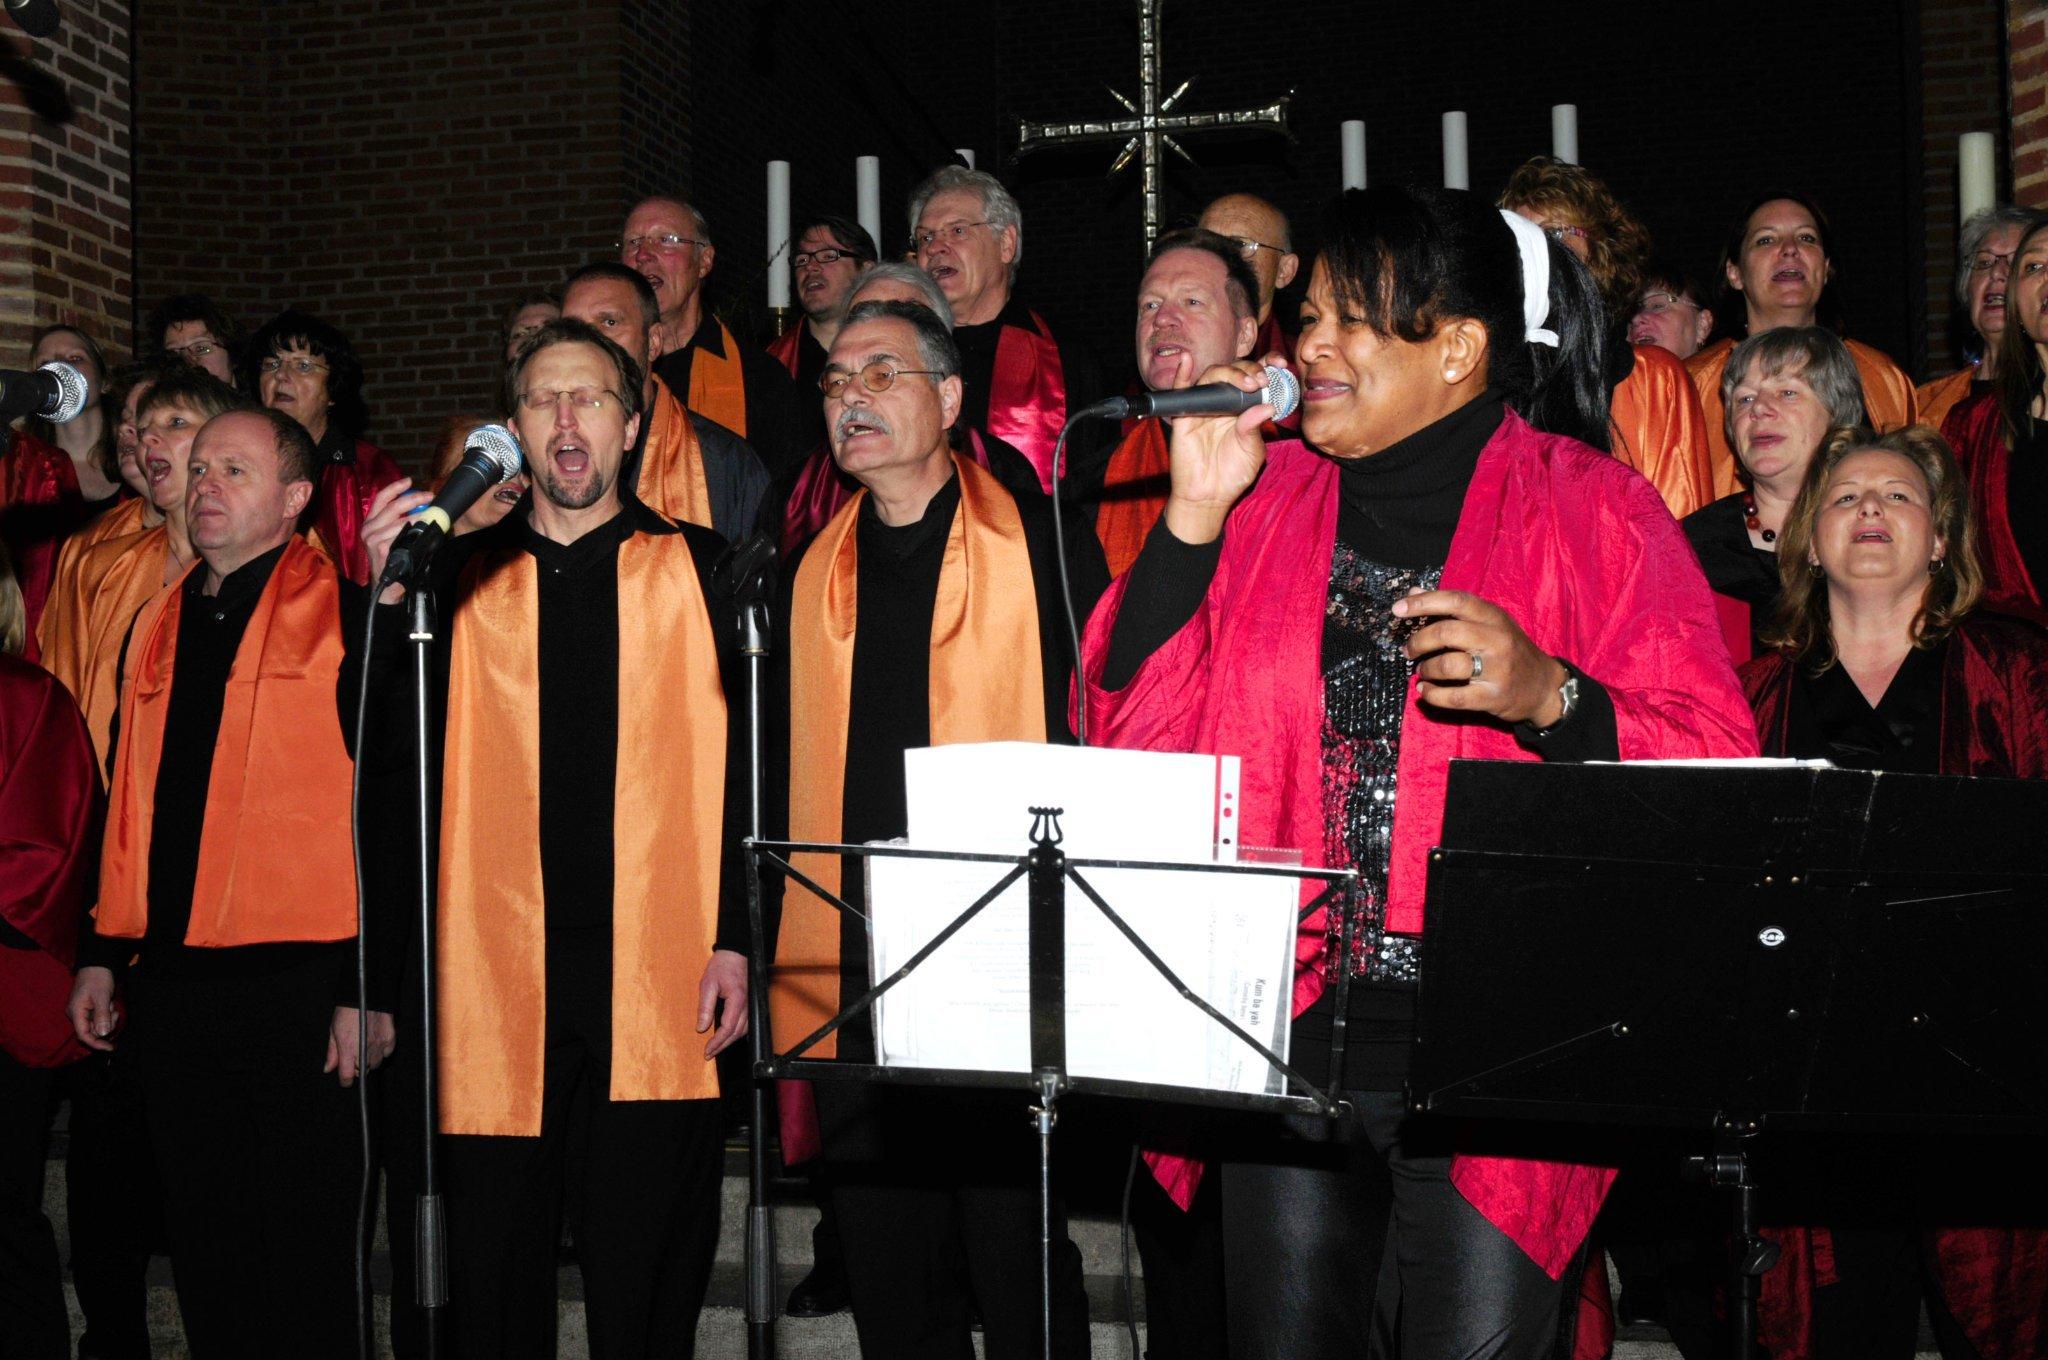 20120422 Reformations Gedaechtniskirche 24